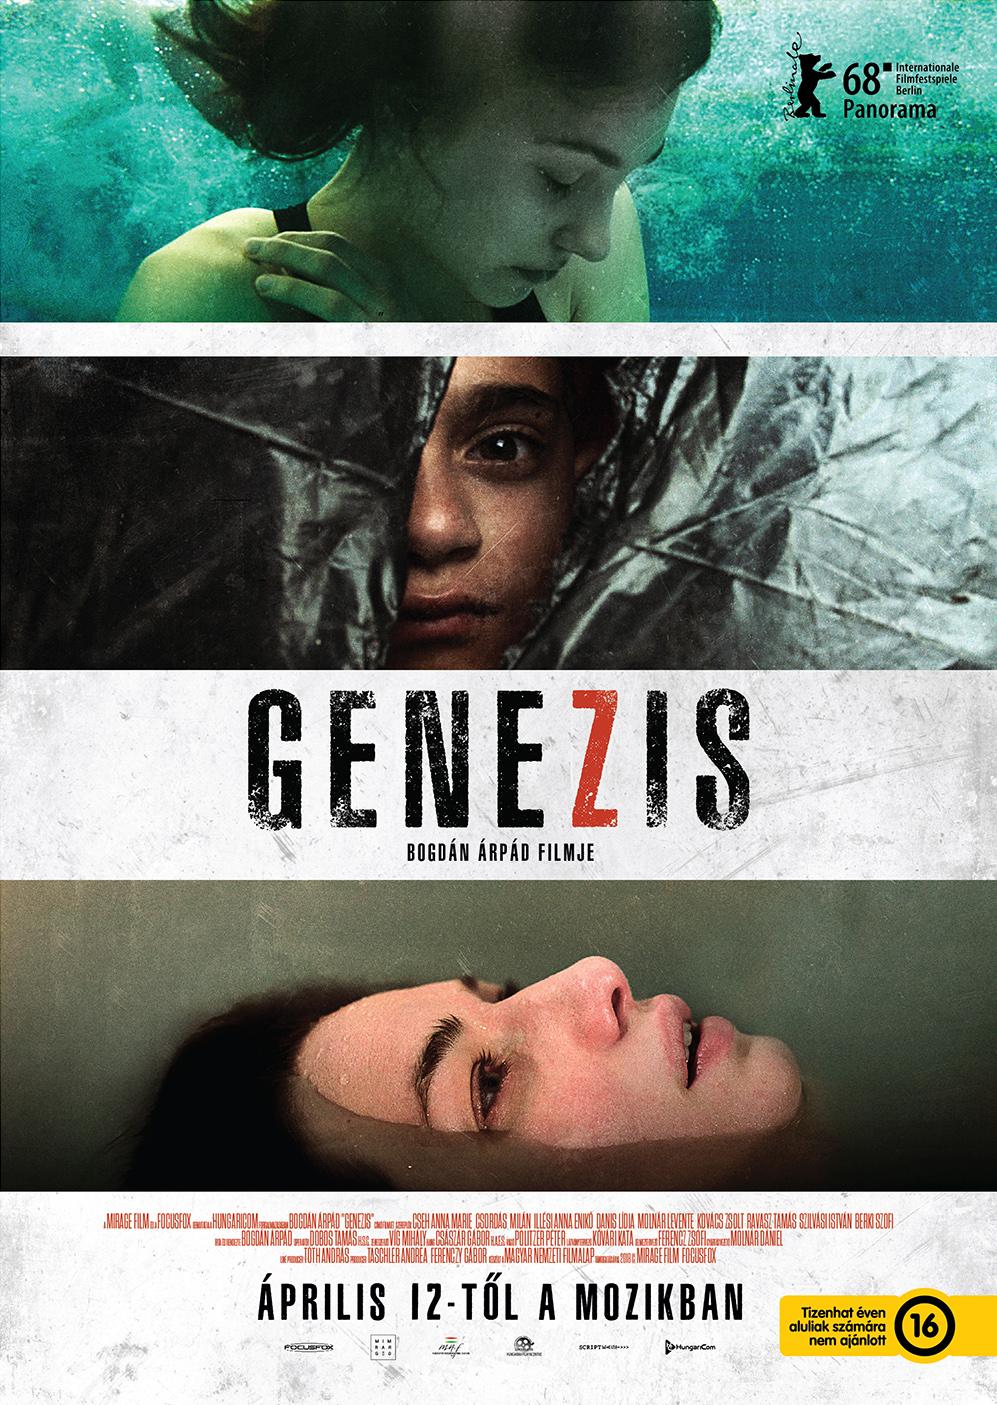 Közönségtalálkozó a Genezis c. film kapcsán